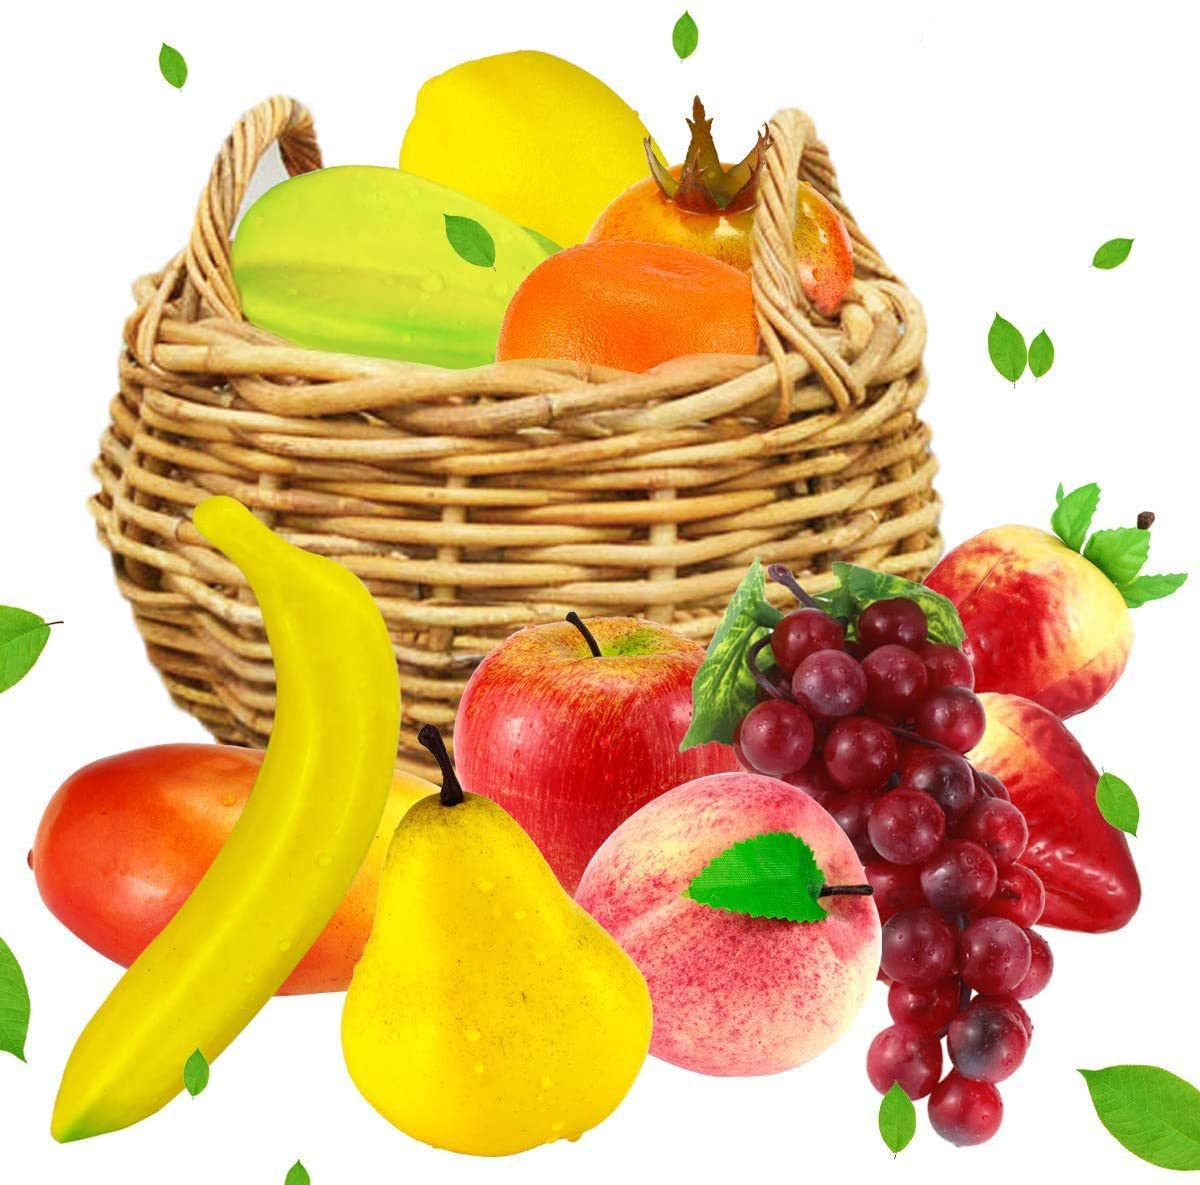 Faxco 12 PCS Artificial Fruit, Fake Fruit Set, Realistic Fruit Decoration, Lifelike Decorative Fruits for Home, Kitchen, Party Decor